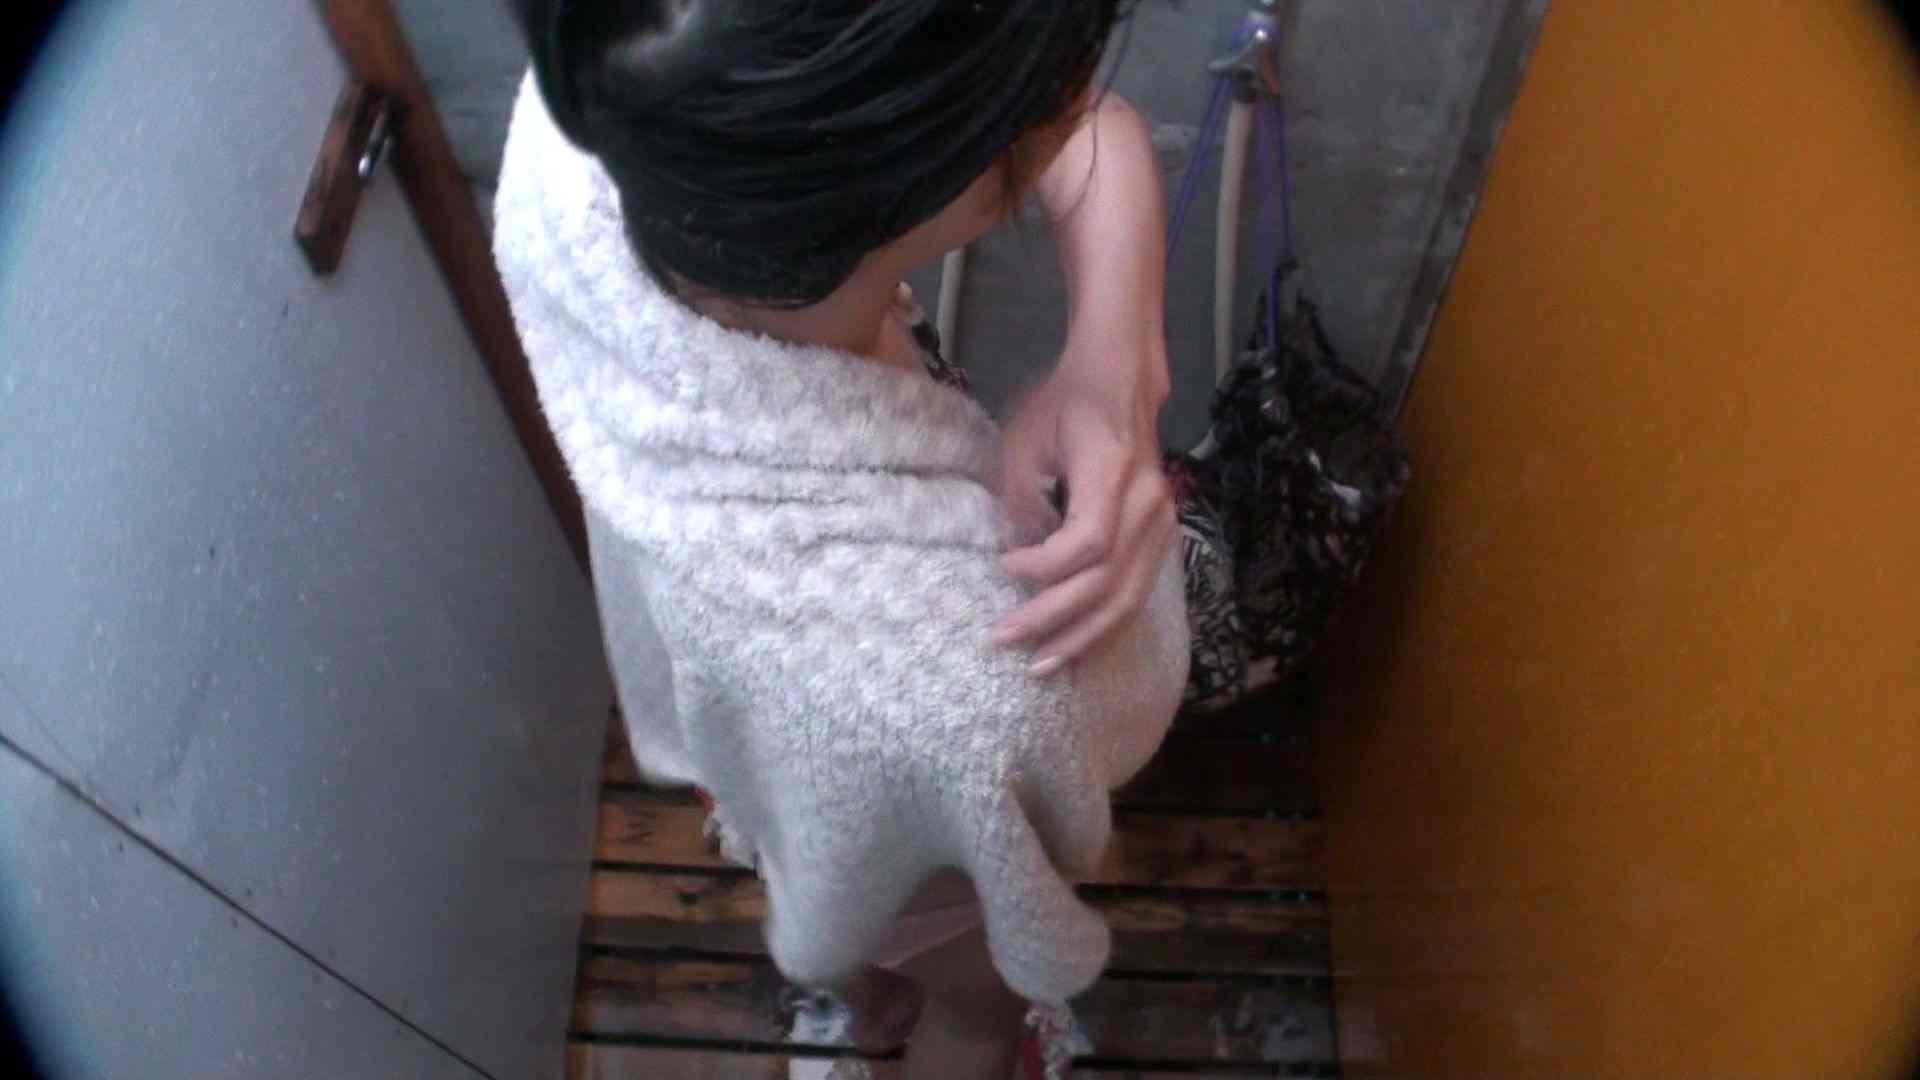 シャワールームは超!!危険な香りVol.21 オメメぱっちり貧乳ギャル鼻くそほじっても可愛いです 脱衣所の着替え   高画質モード  57画像 41